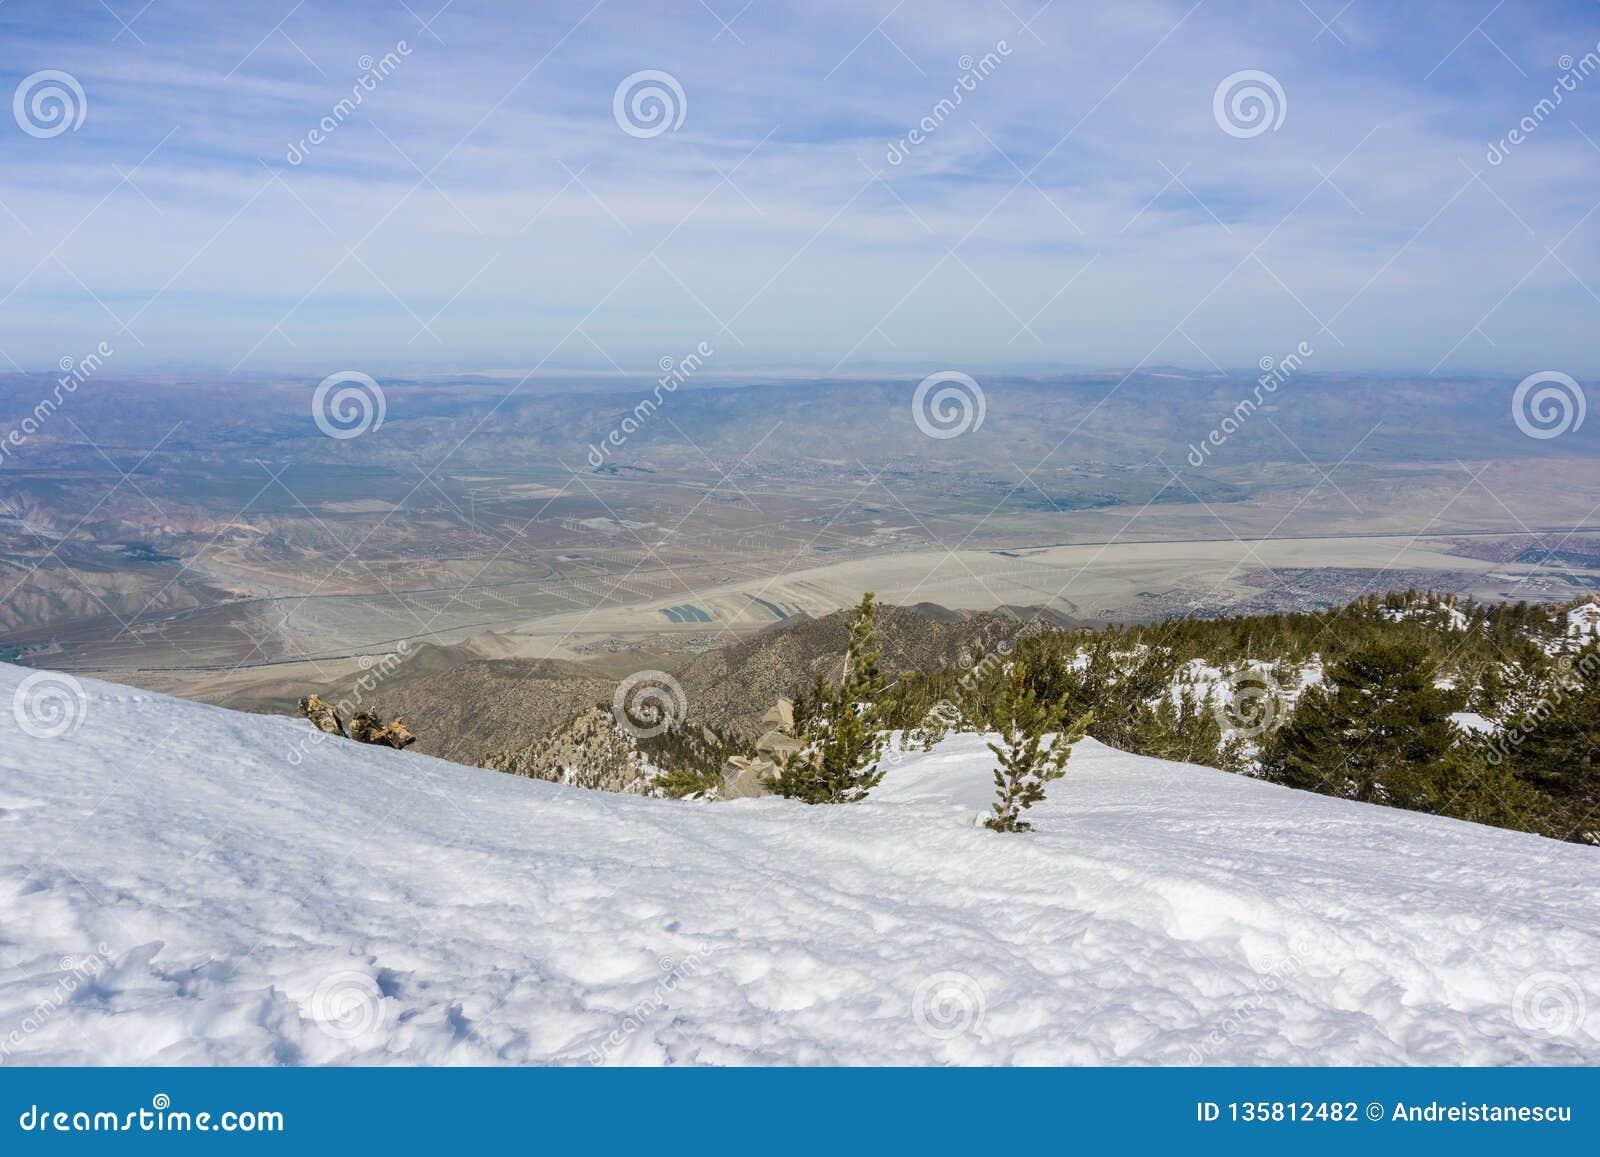 Άποψη προς έναν τομέα των ανεμοστροβίλων στο βόρειο Παλμ Σπρινγκς, κοιλάδα Coachella, από το κρατικό πάρκο υποστηριγμάτων SAN Jac